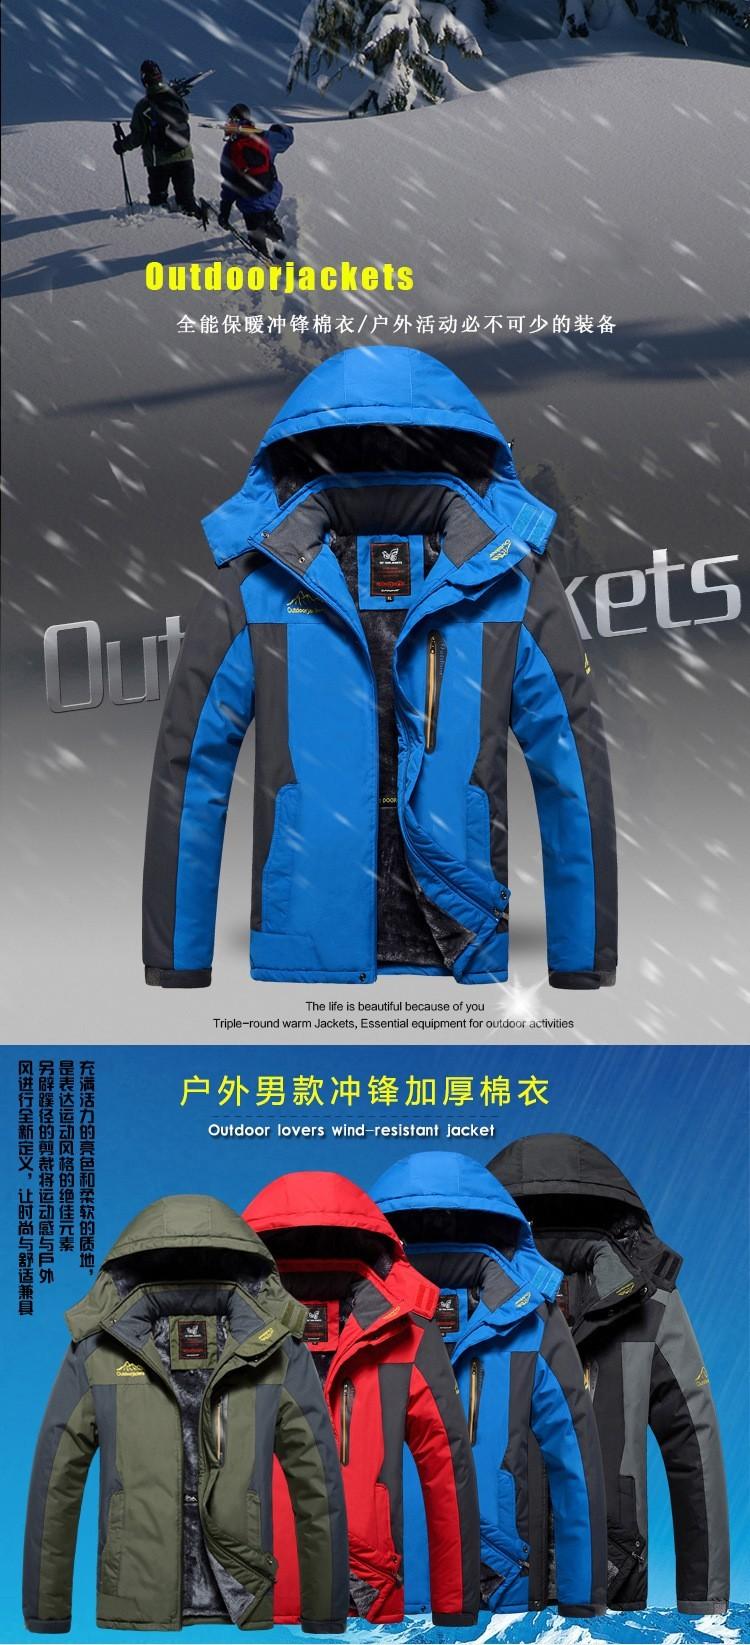 Скидки на 2016 осень и зима новый большой размер мужской такси толстый бархат теплое пальто куртка L-5XL6XL7XL8XL9XL с капюшоном случайно куртку